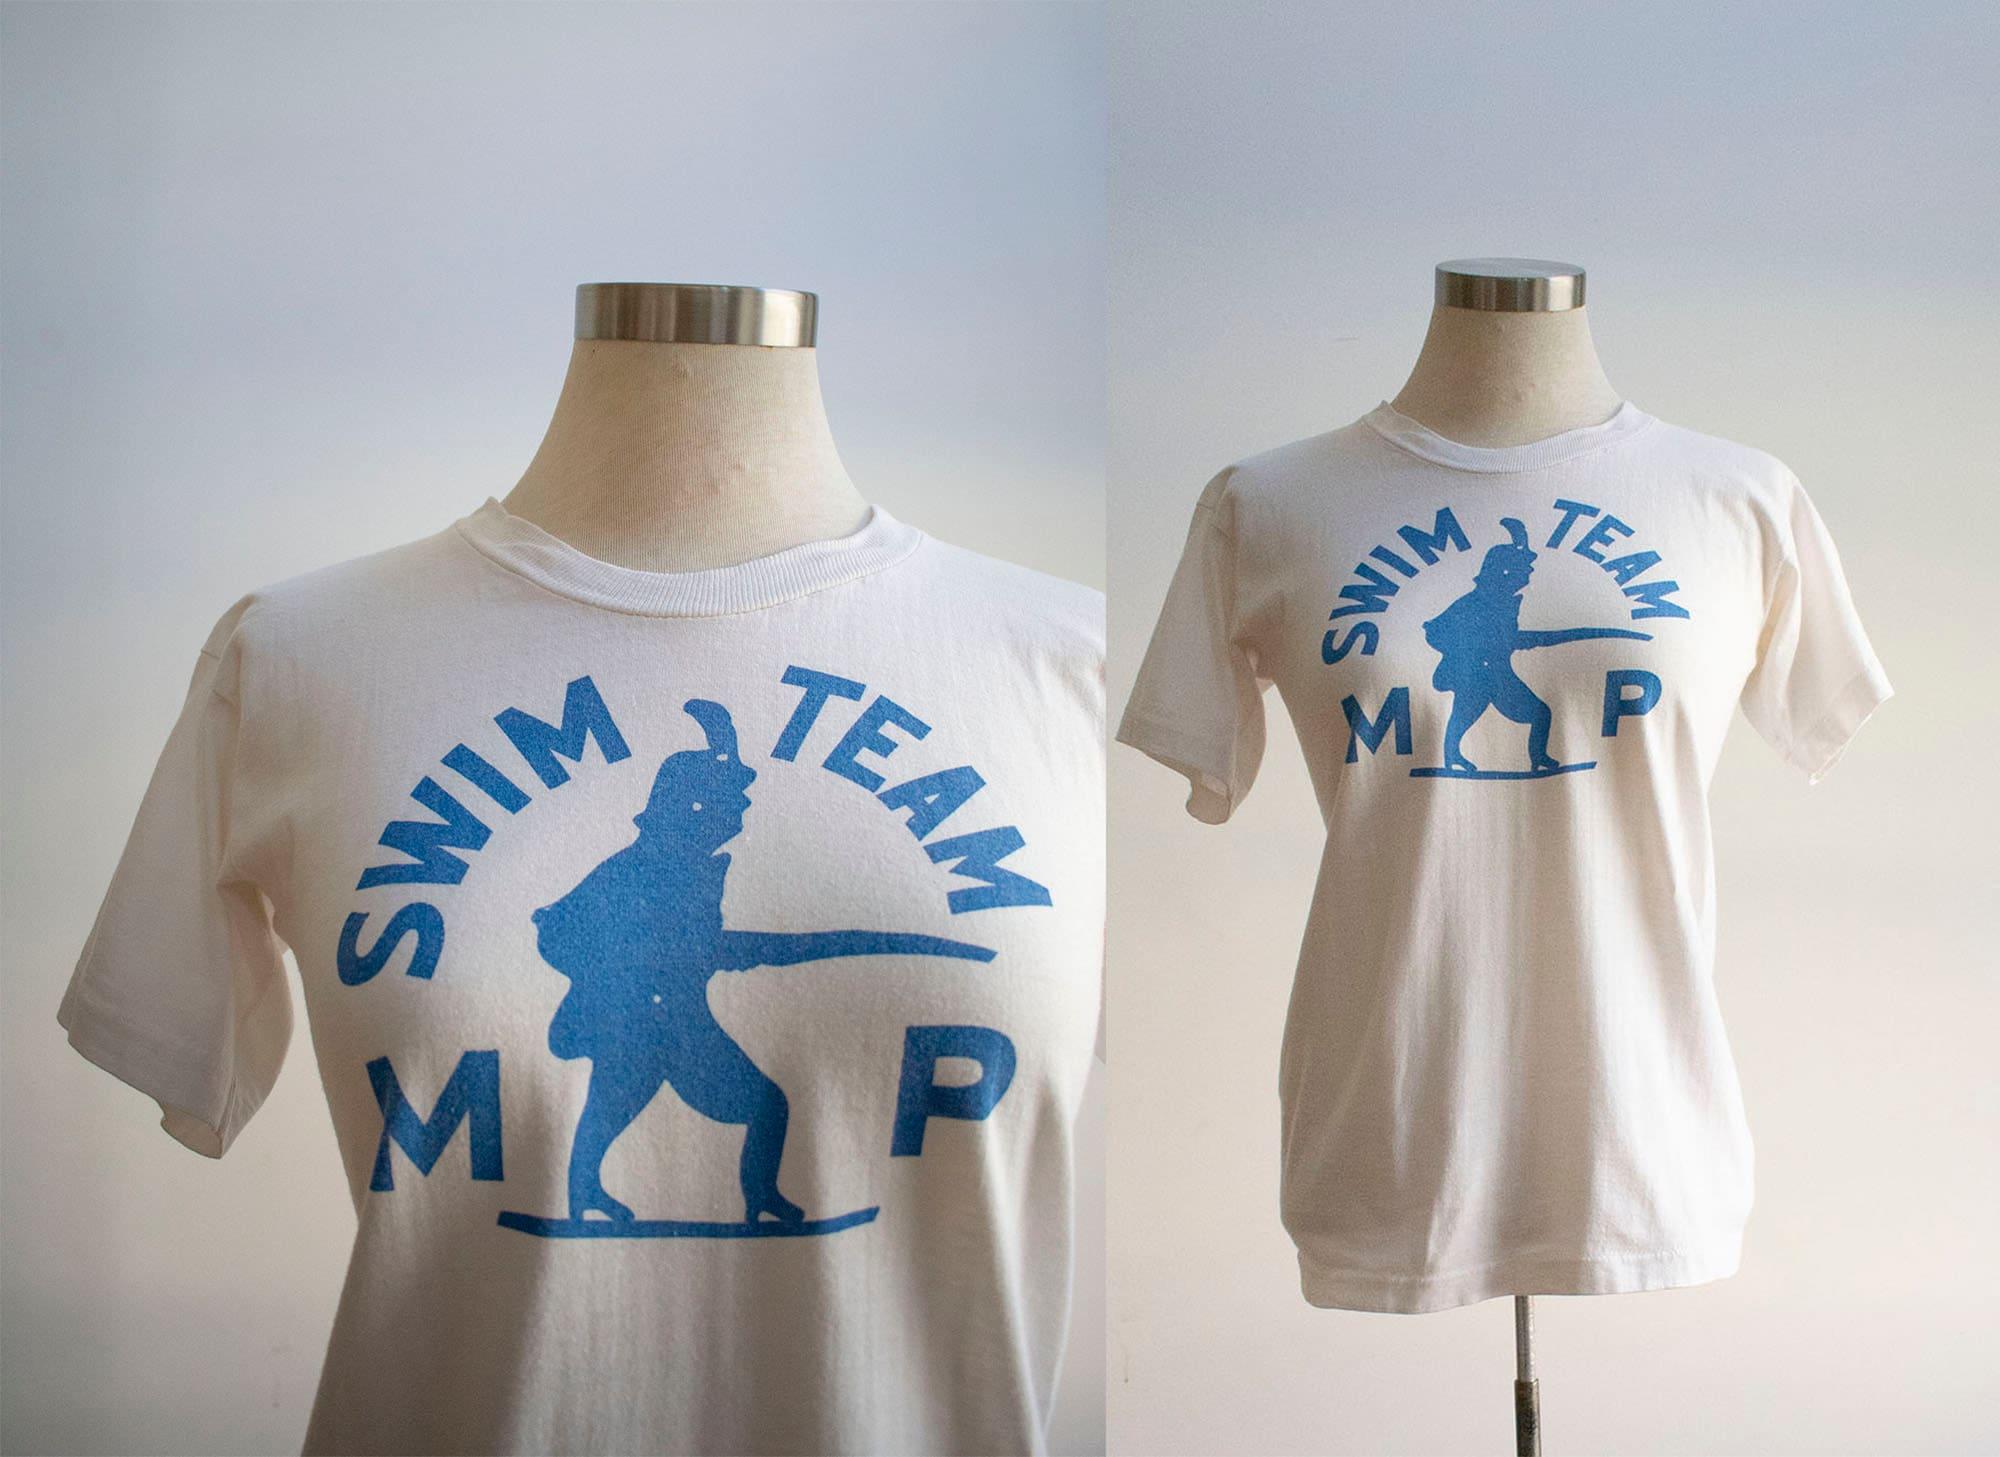 1960s – 70s Men's Ties | Skinny Ties, Slim Ties Vintage 1960S TshirtSwim Team Tee White Single Hemline Crew 60S True $0.00 AT vintagedancer.com